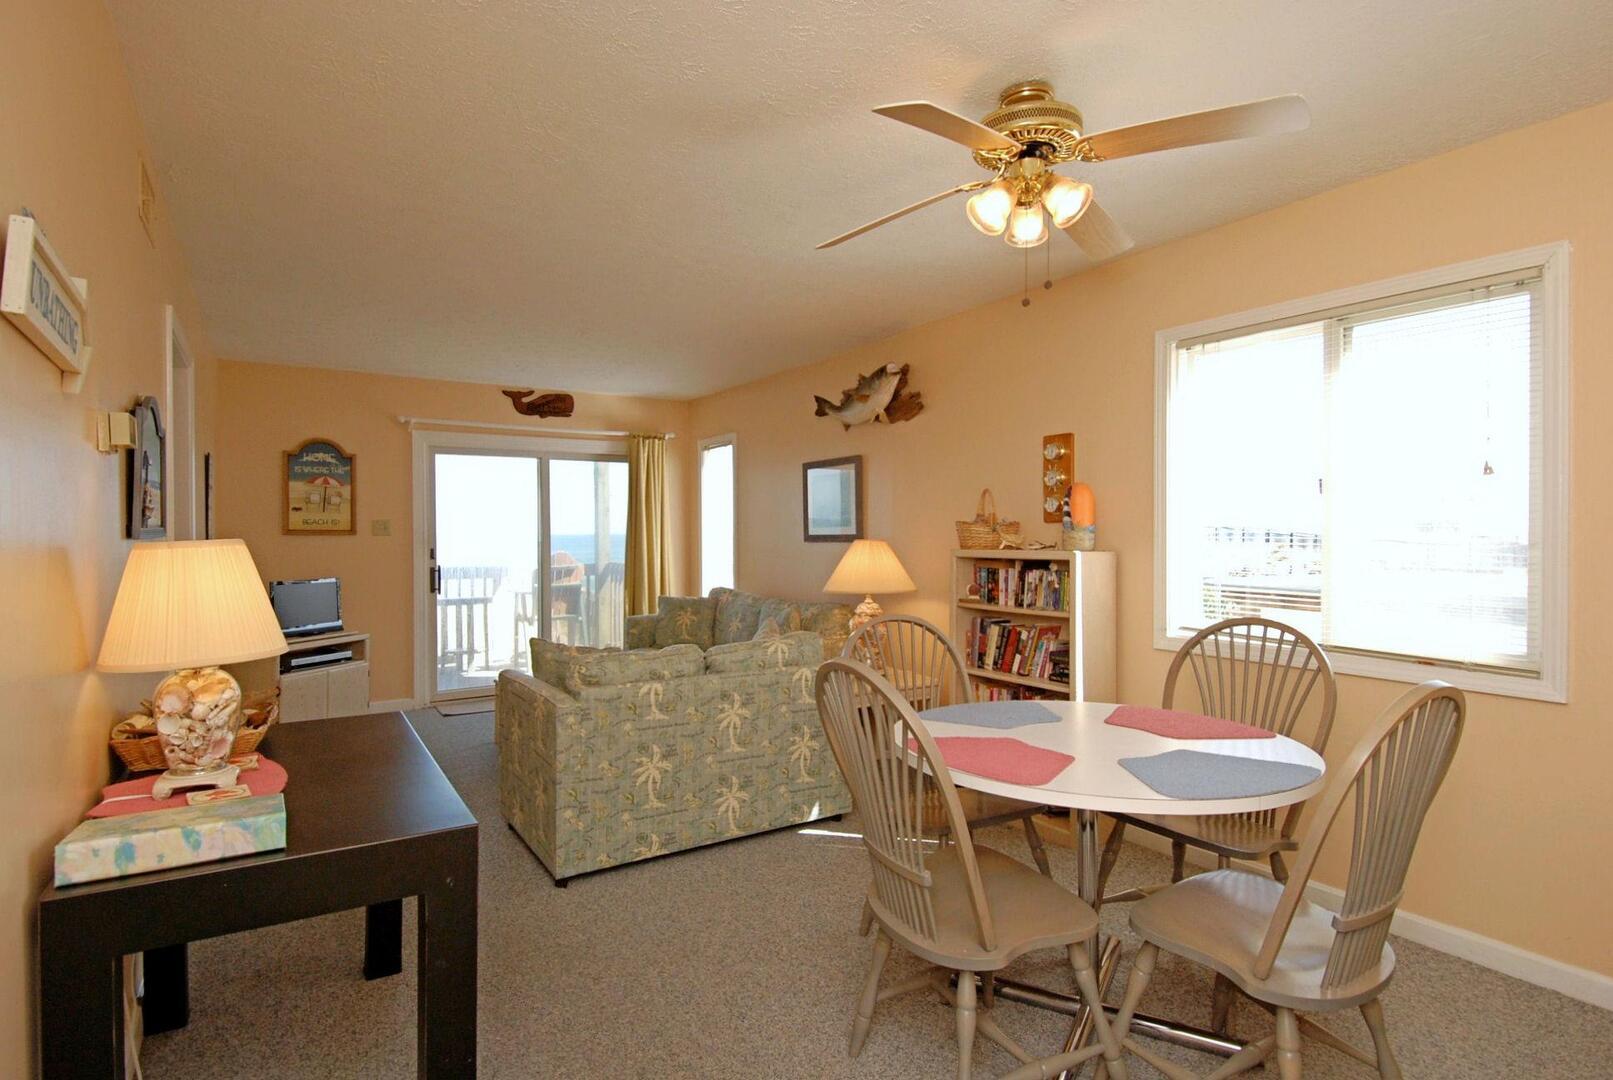 Floor Plan,Dining Room,